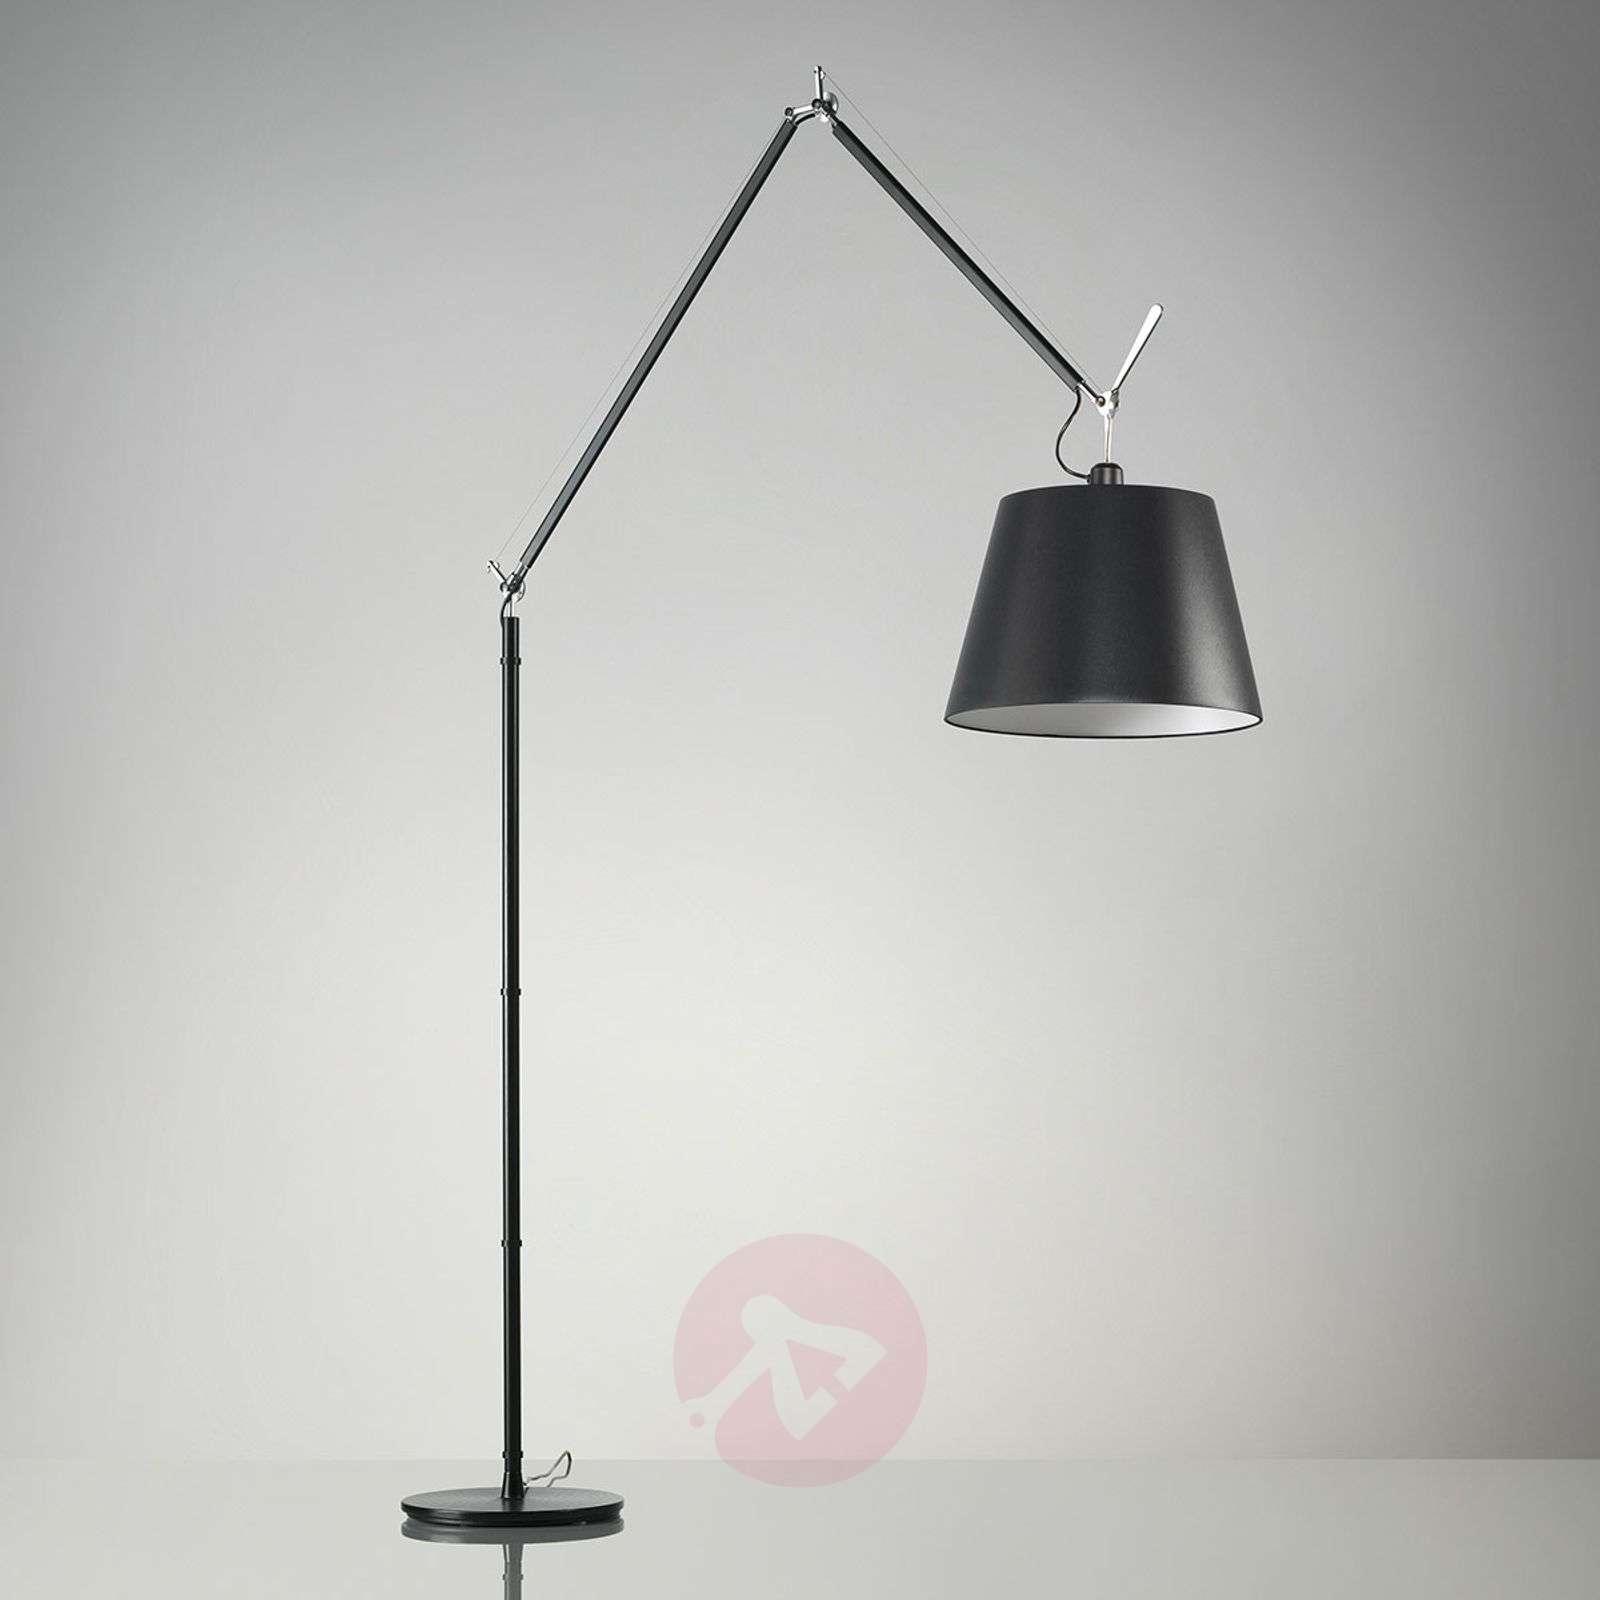 Artemide Tolomeo Mega floor lamp dimmer 3,000 K-1060263X-01